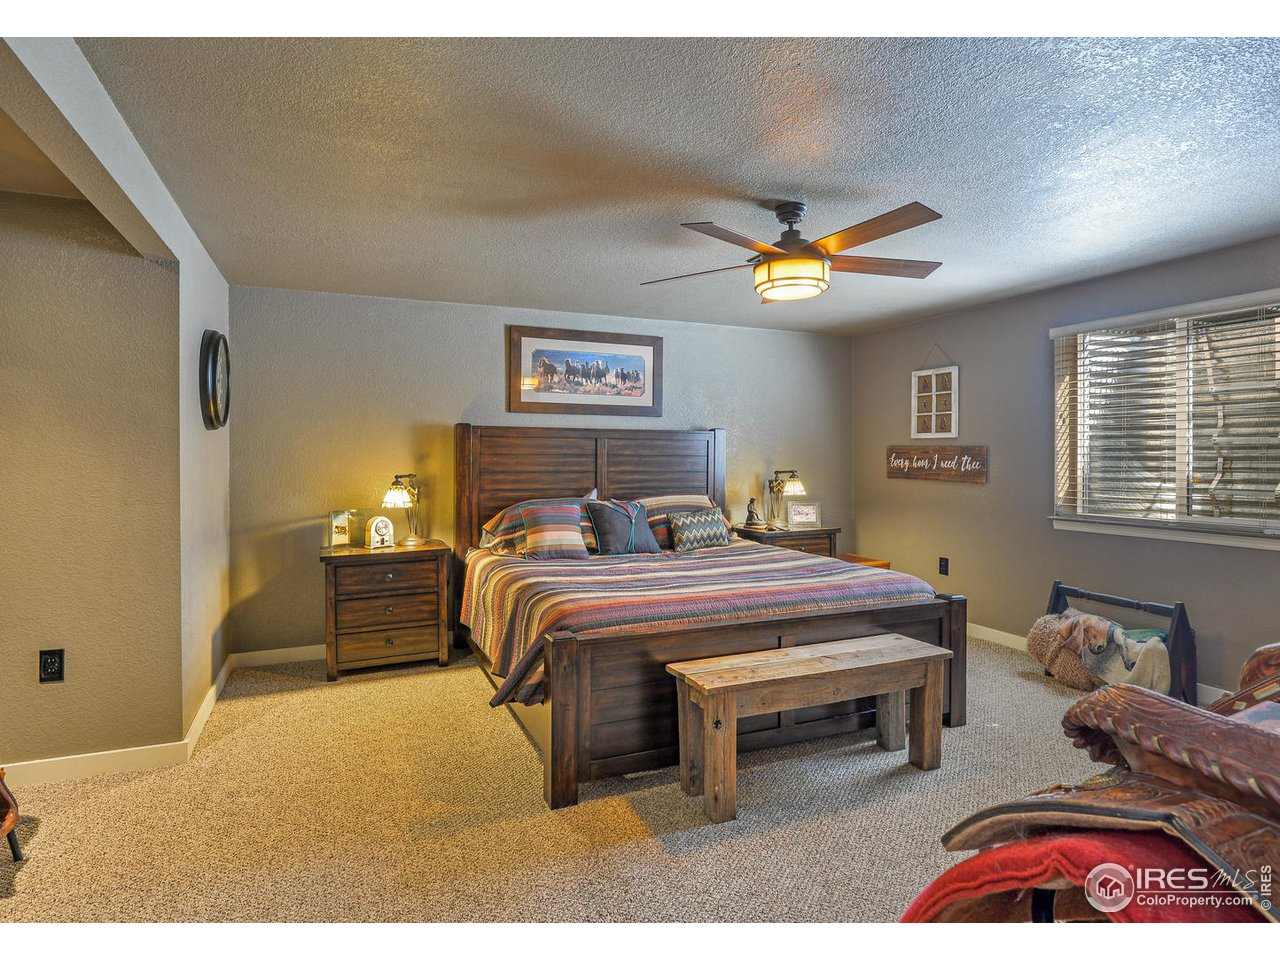 3rd Bedroom in Basement